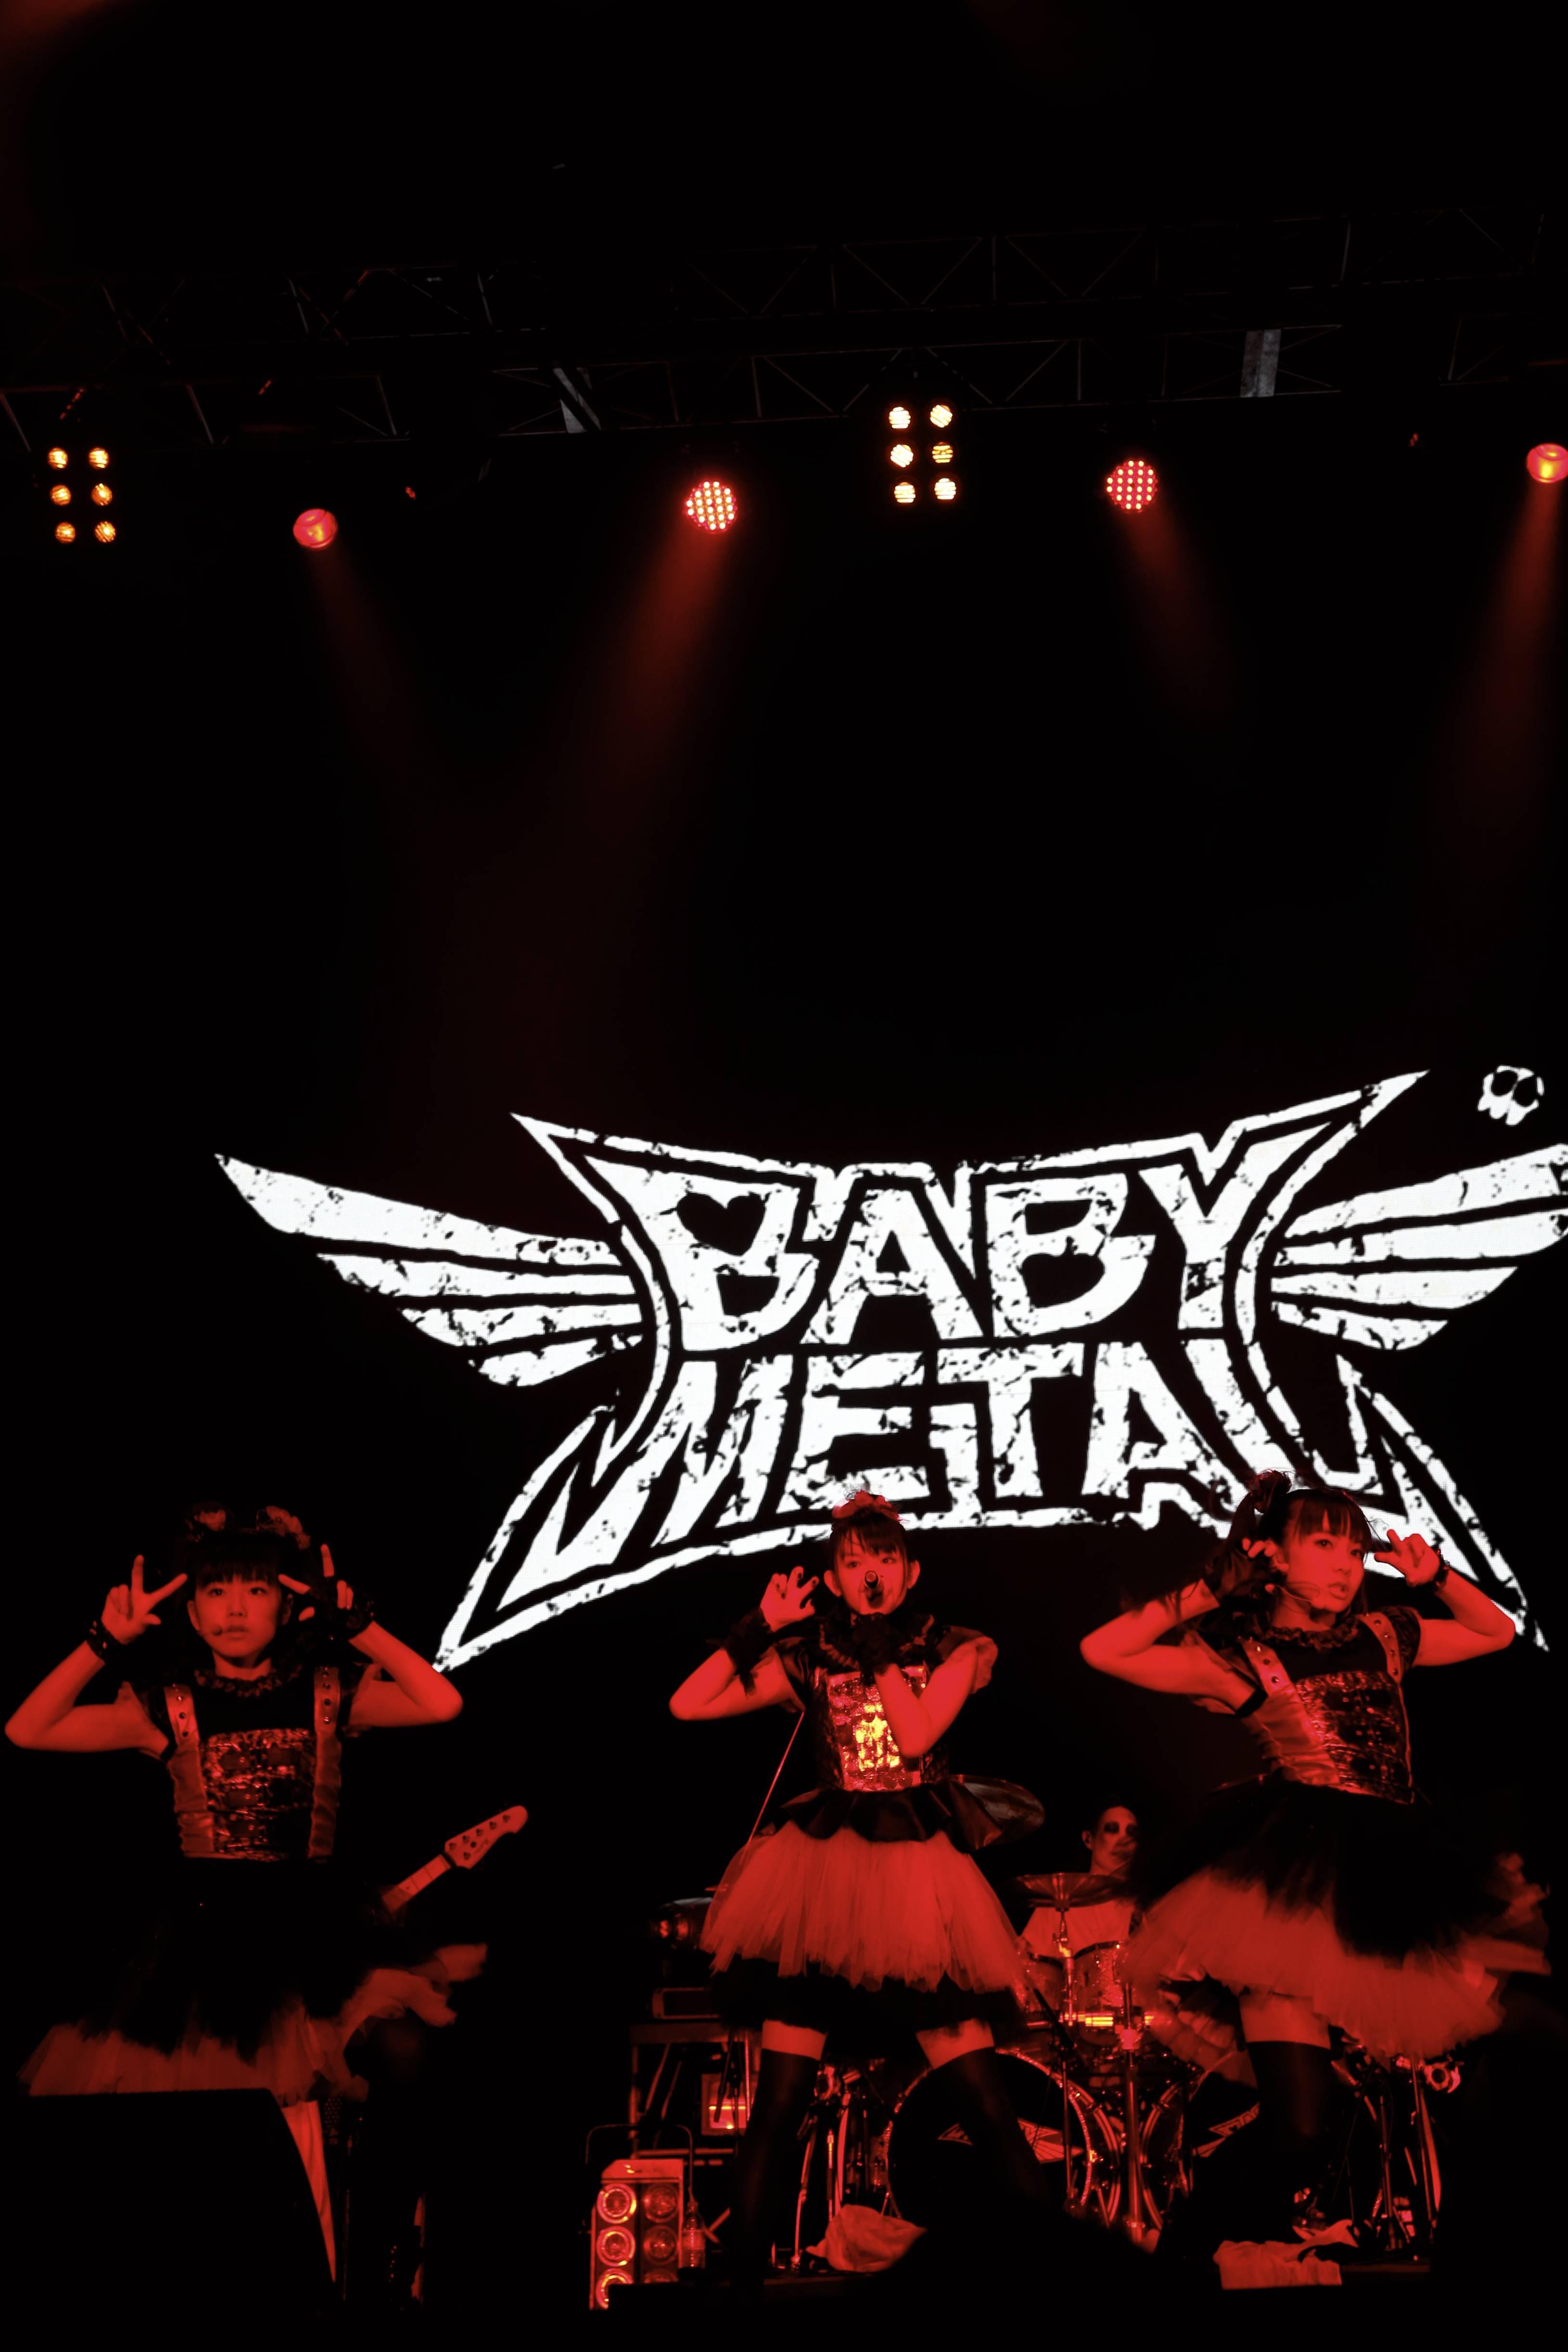 babymetalの画像かっこいいです。